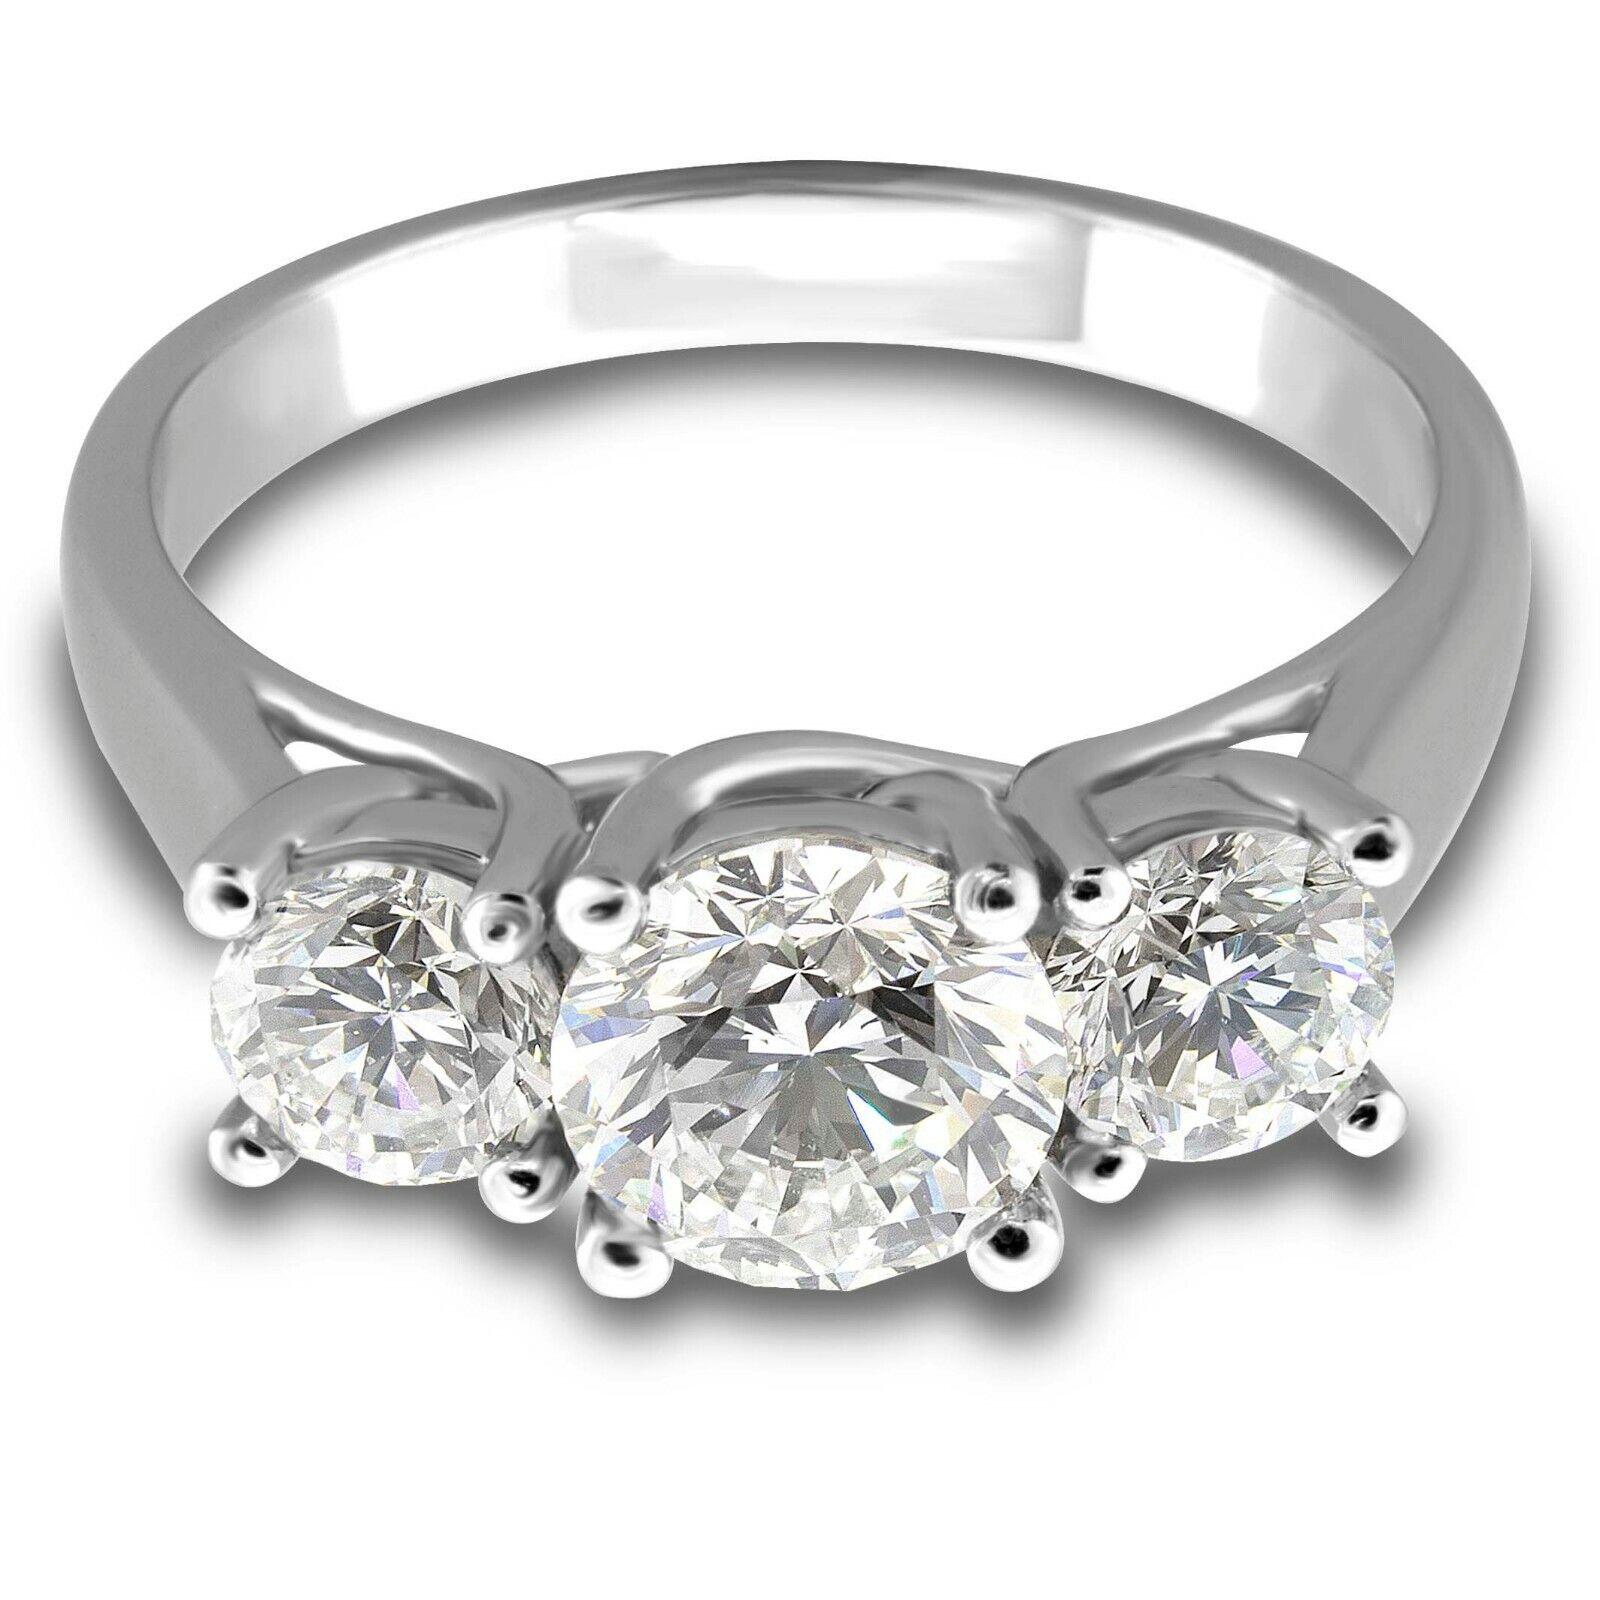 2.50 ctw H-SI1 GIA, Round Three-Stone Diamond Engagement Ring 14k White Gold